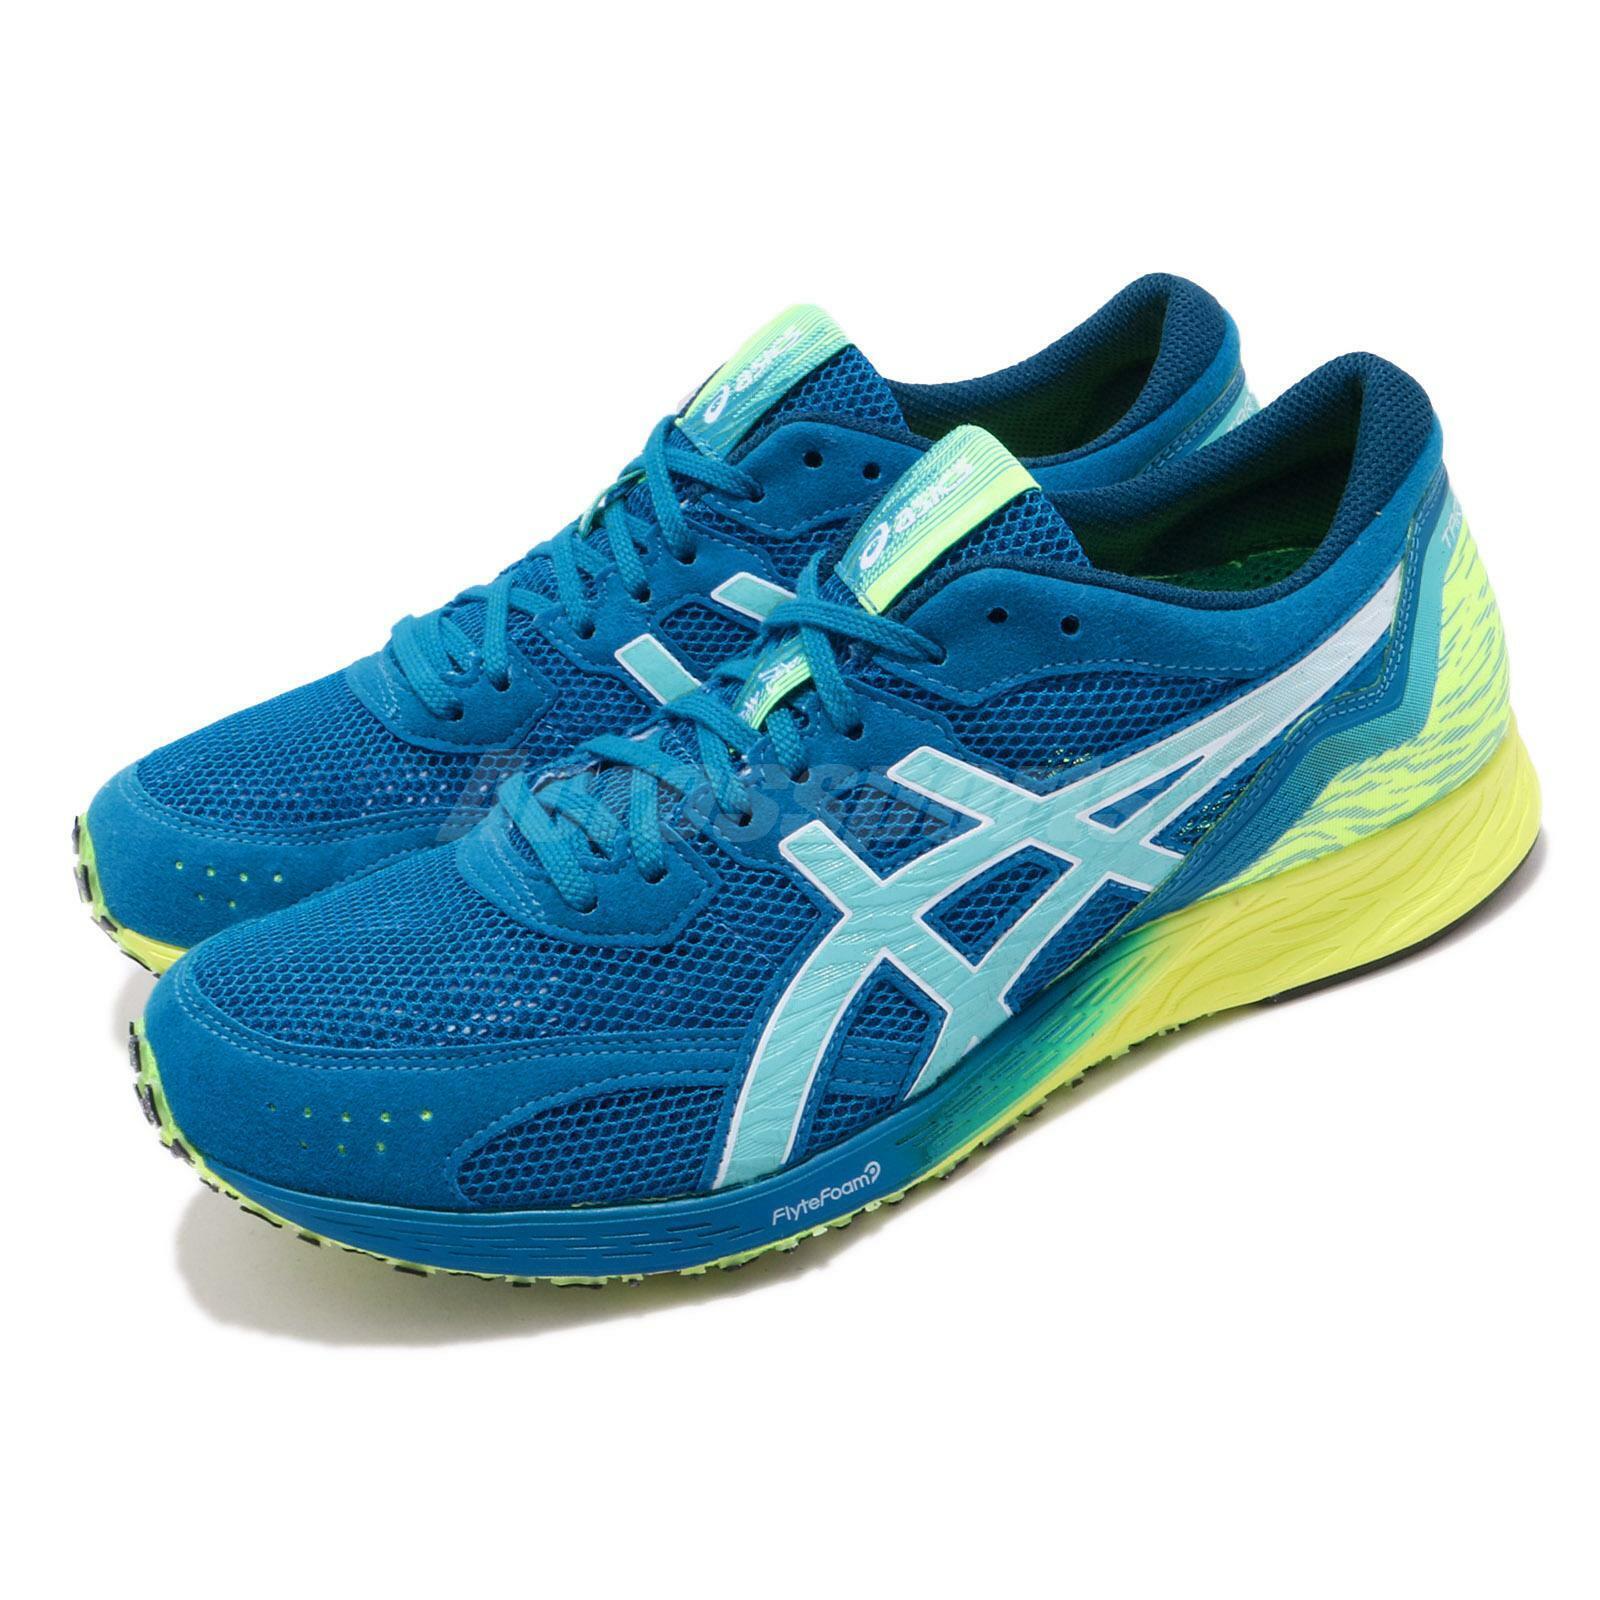 Asics tartherojoge azul amarillo para hombre para mujer maratón Zapatillas 1011A544-400